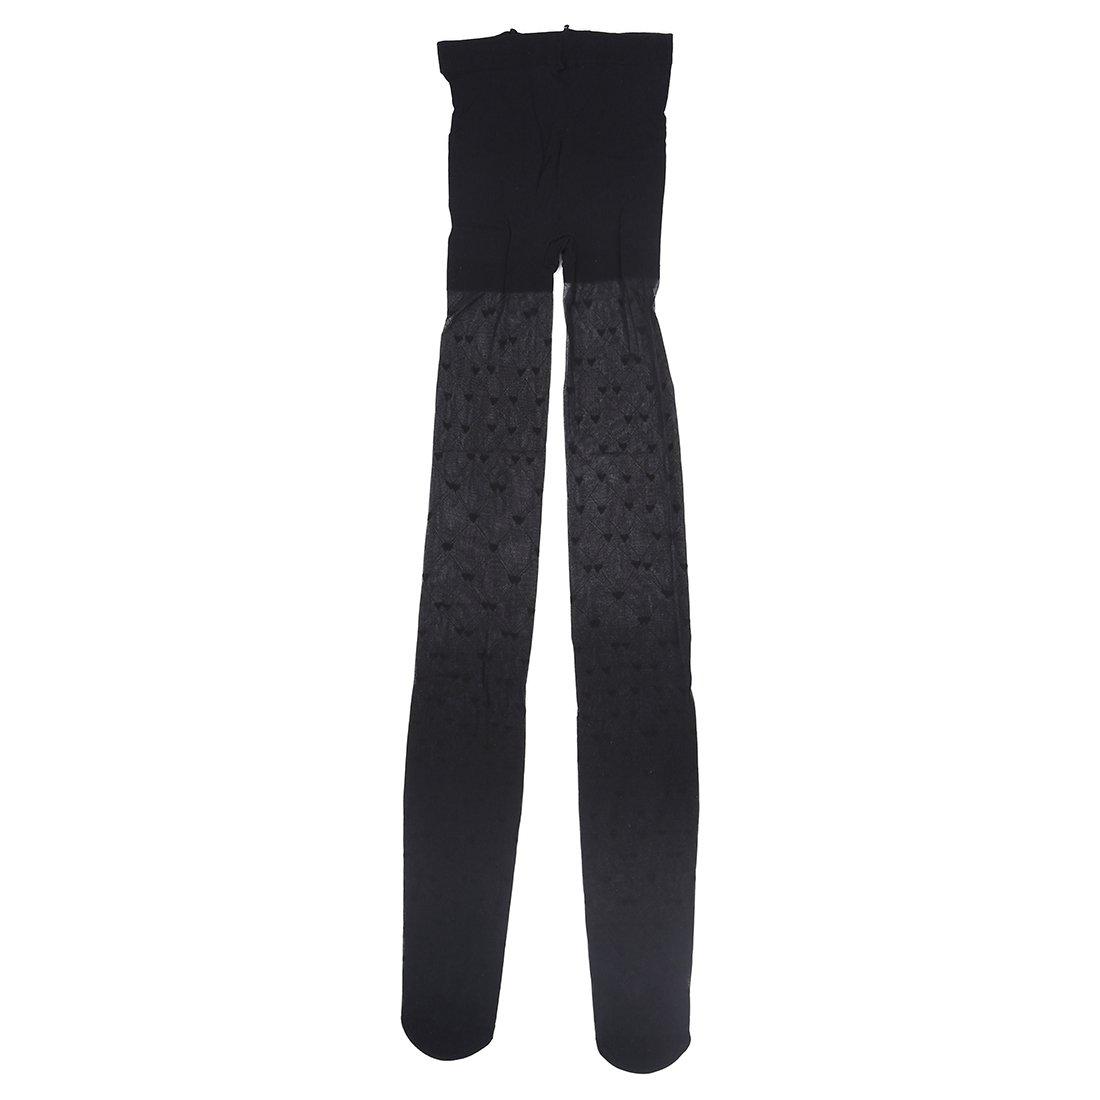 TOOGOO Donna Cuore Grazioso Modello Collant Pantyhose Nero R